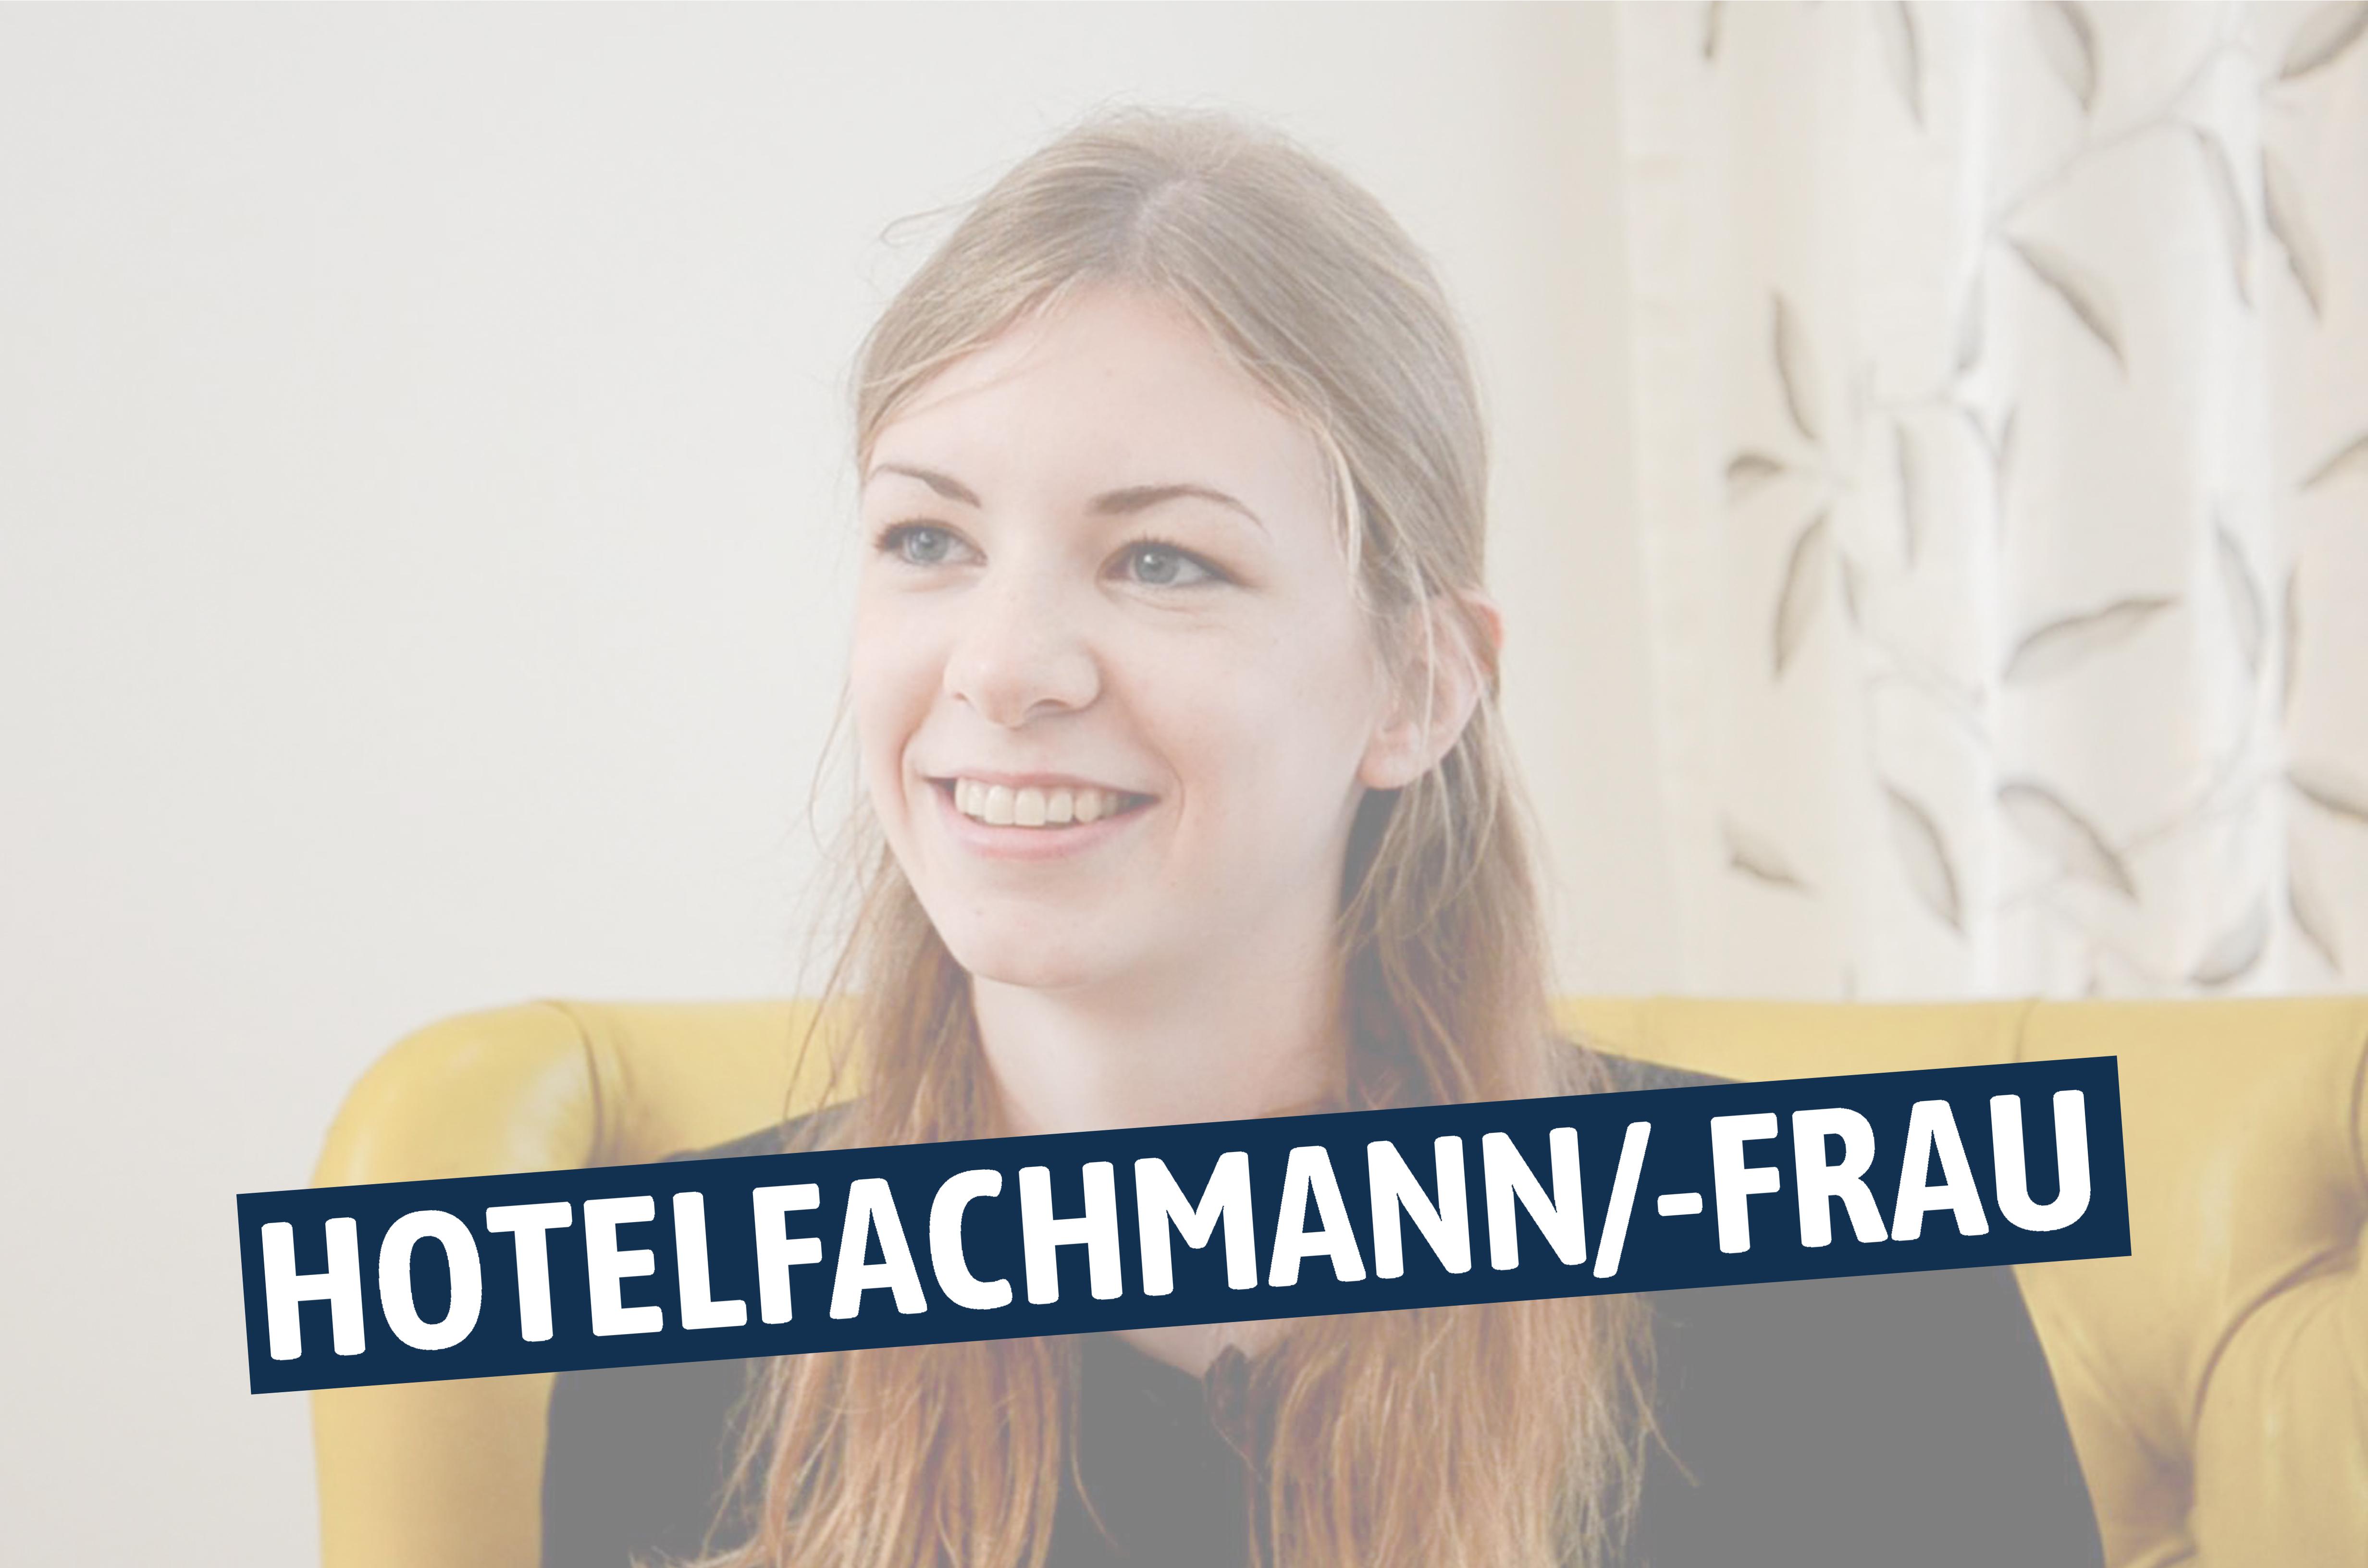 Hotelfachfrau_HotelsVJZ.jpg – AG